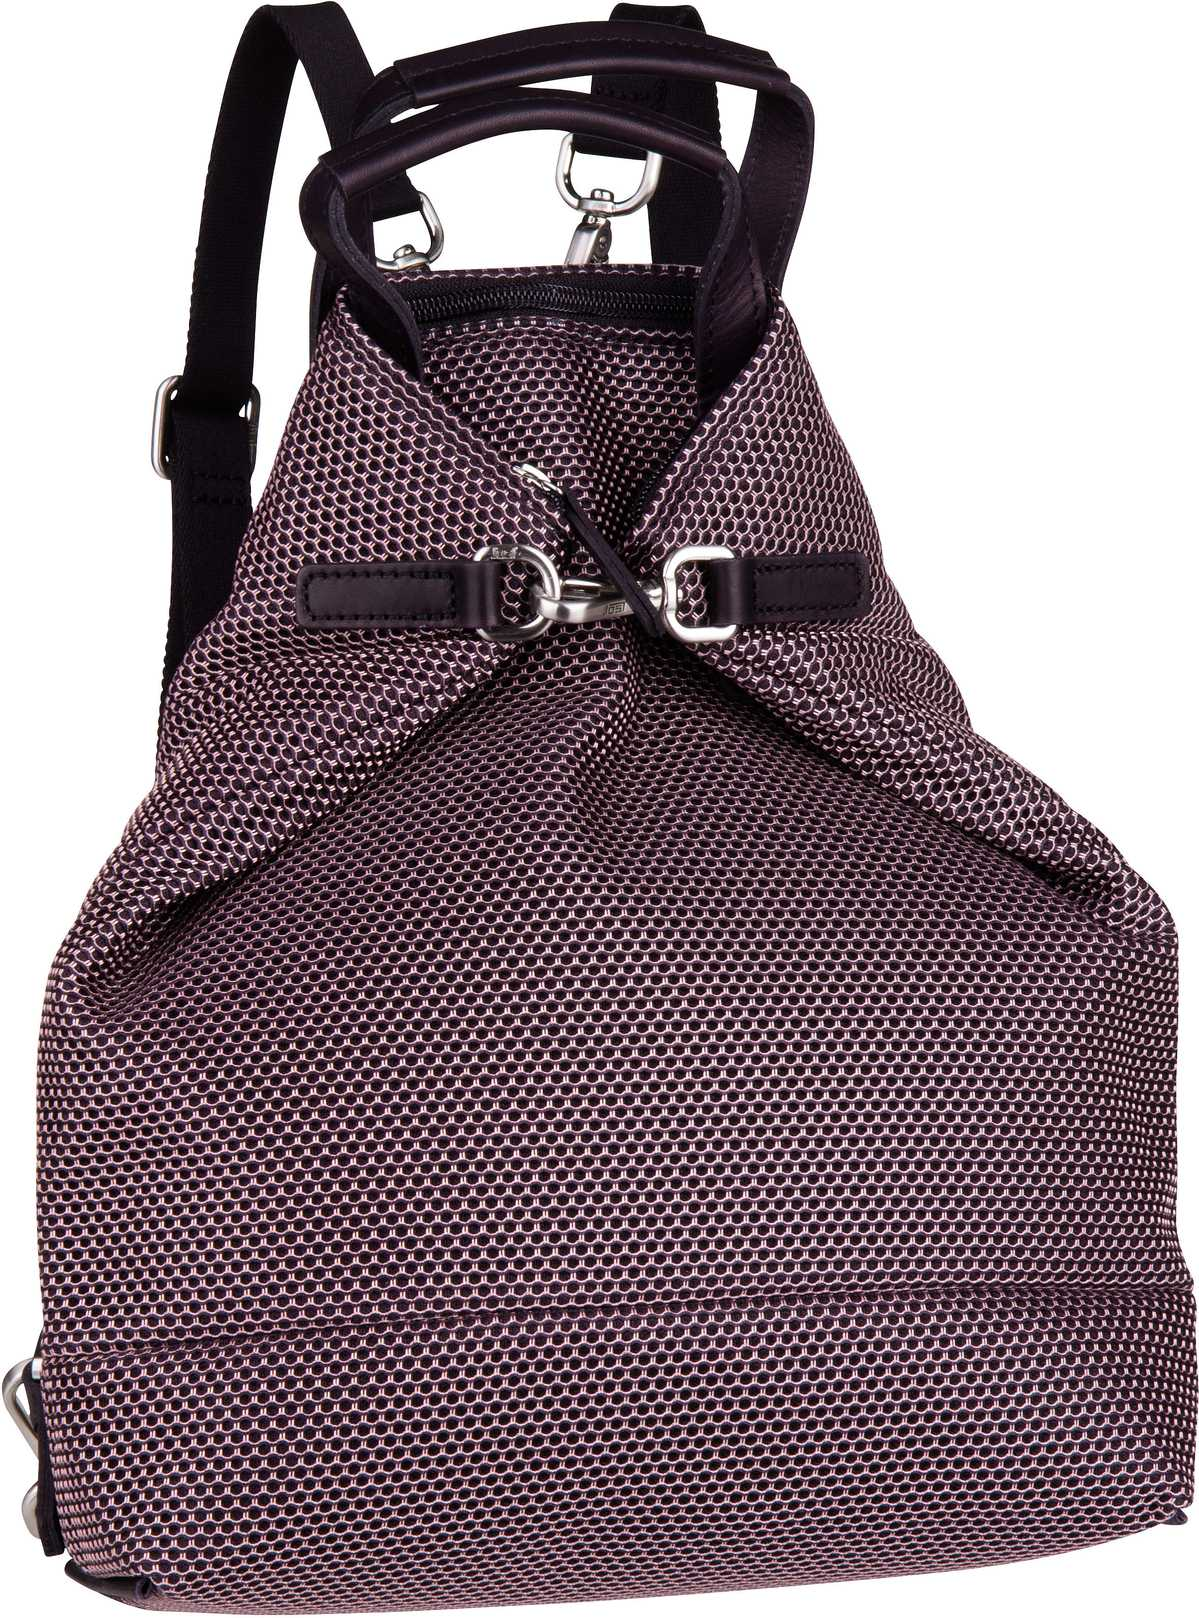 Rucksack / Daypack Mesh 6177 X-Change 3in1 Bag XS Rosewood